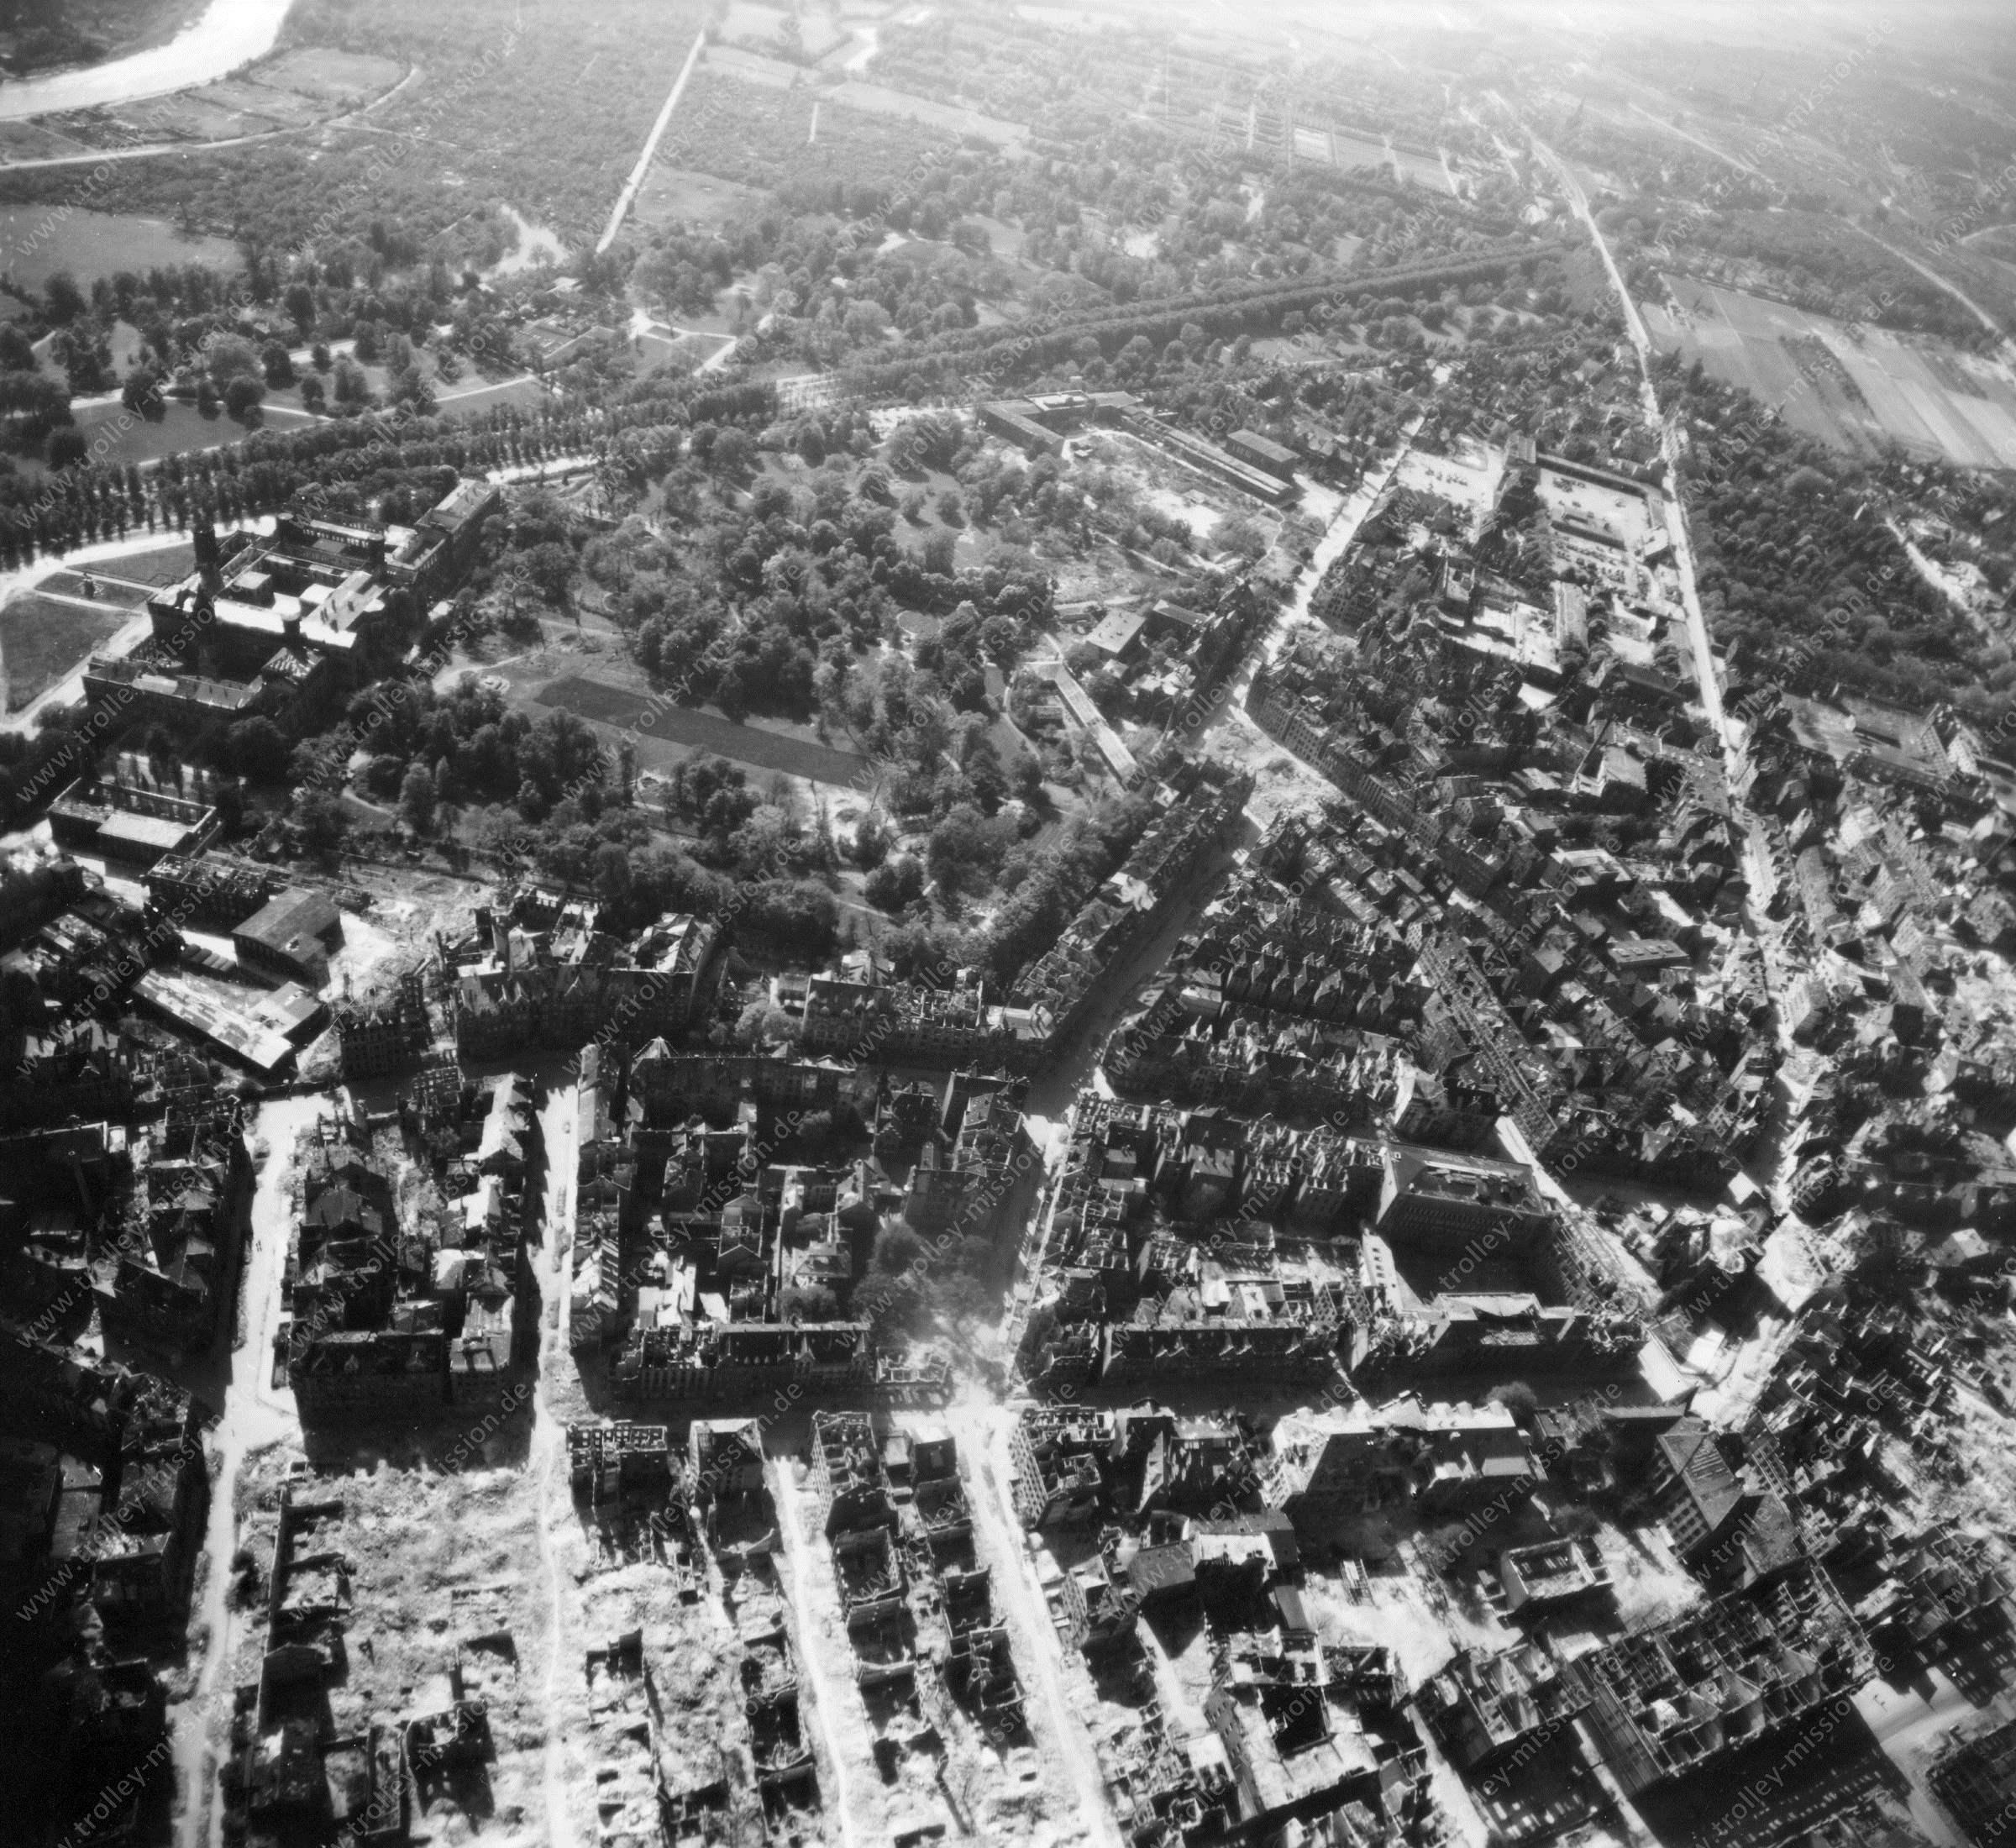 Luftbild von Hannover am 12. Mai 1945 - Luftbildserie 3/3 der US Air Force